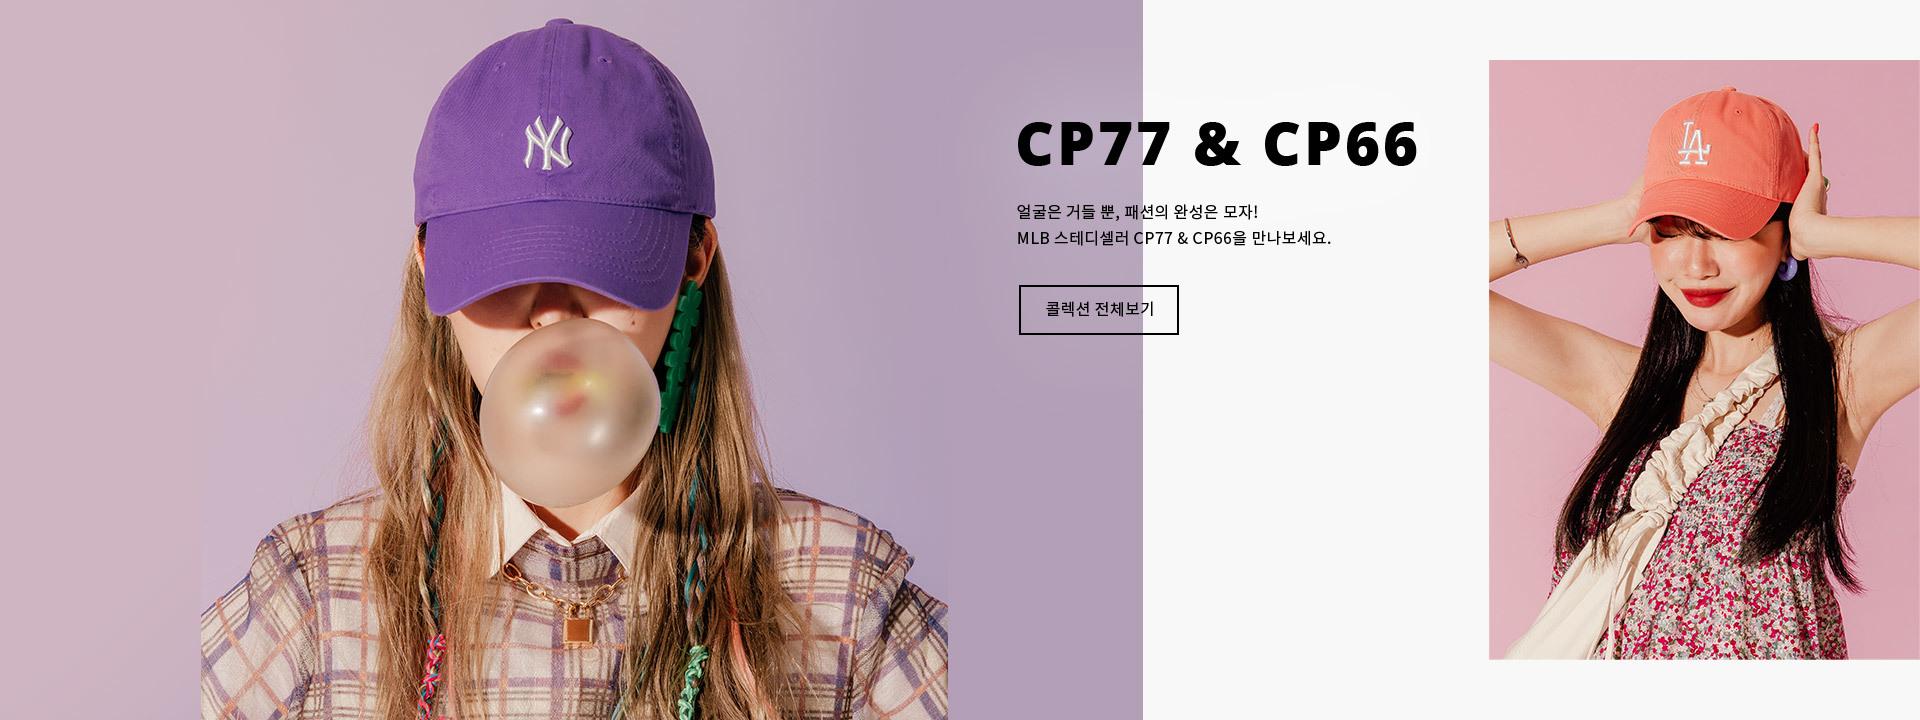 cp66/77 리프레시